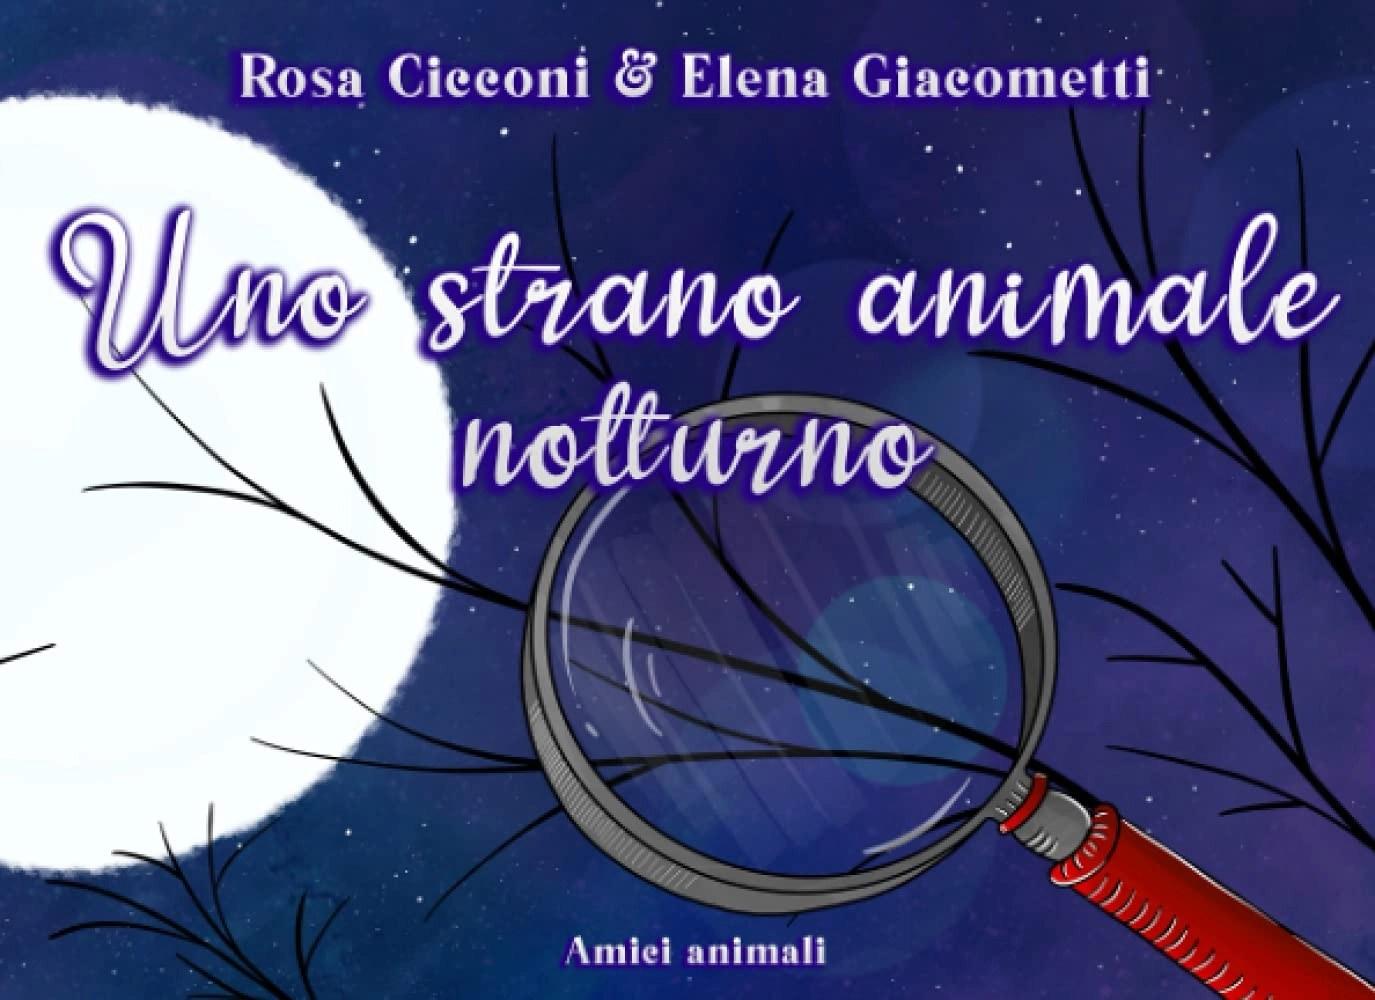 Uno strano animale notturno, un libro illustrato di Rosa Cicconi!